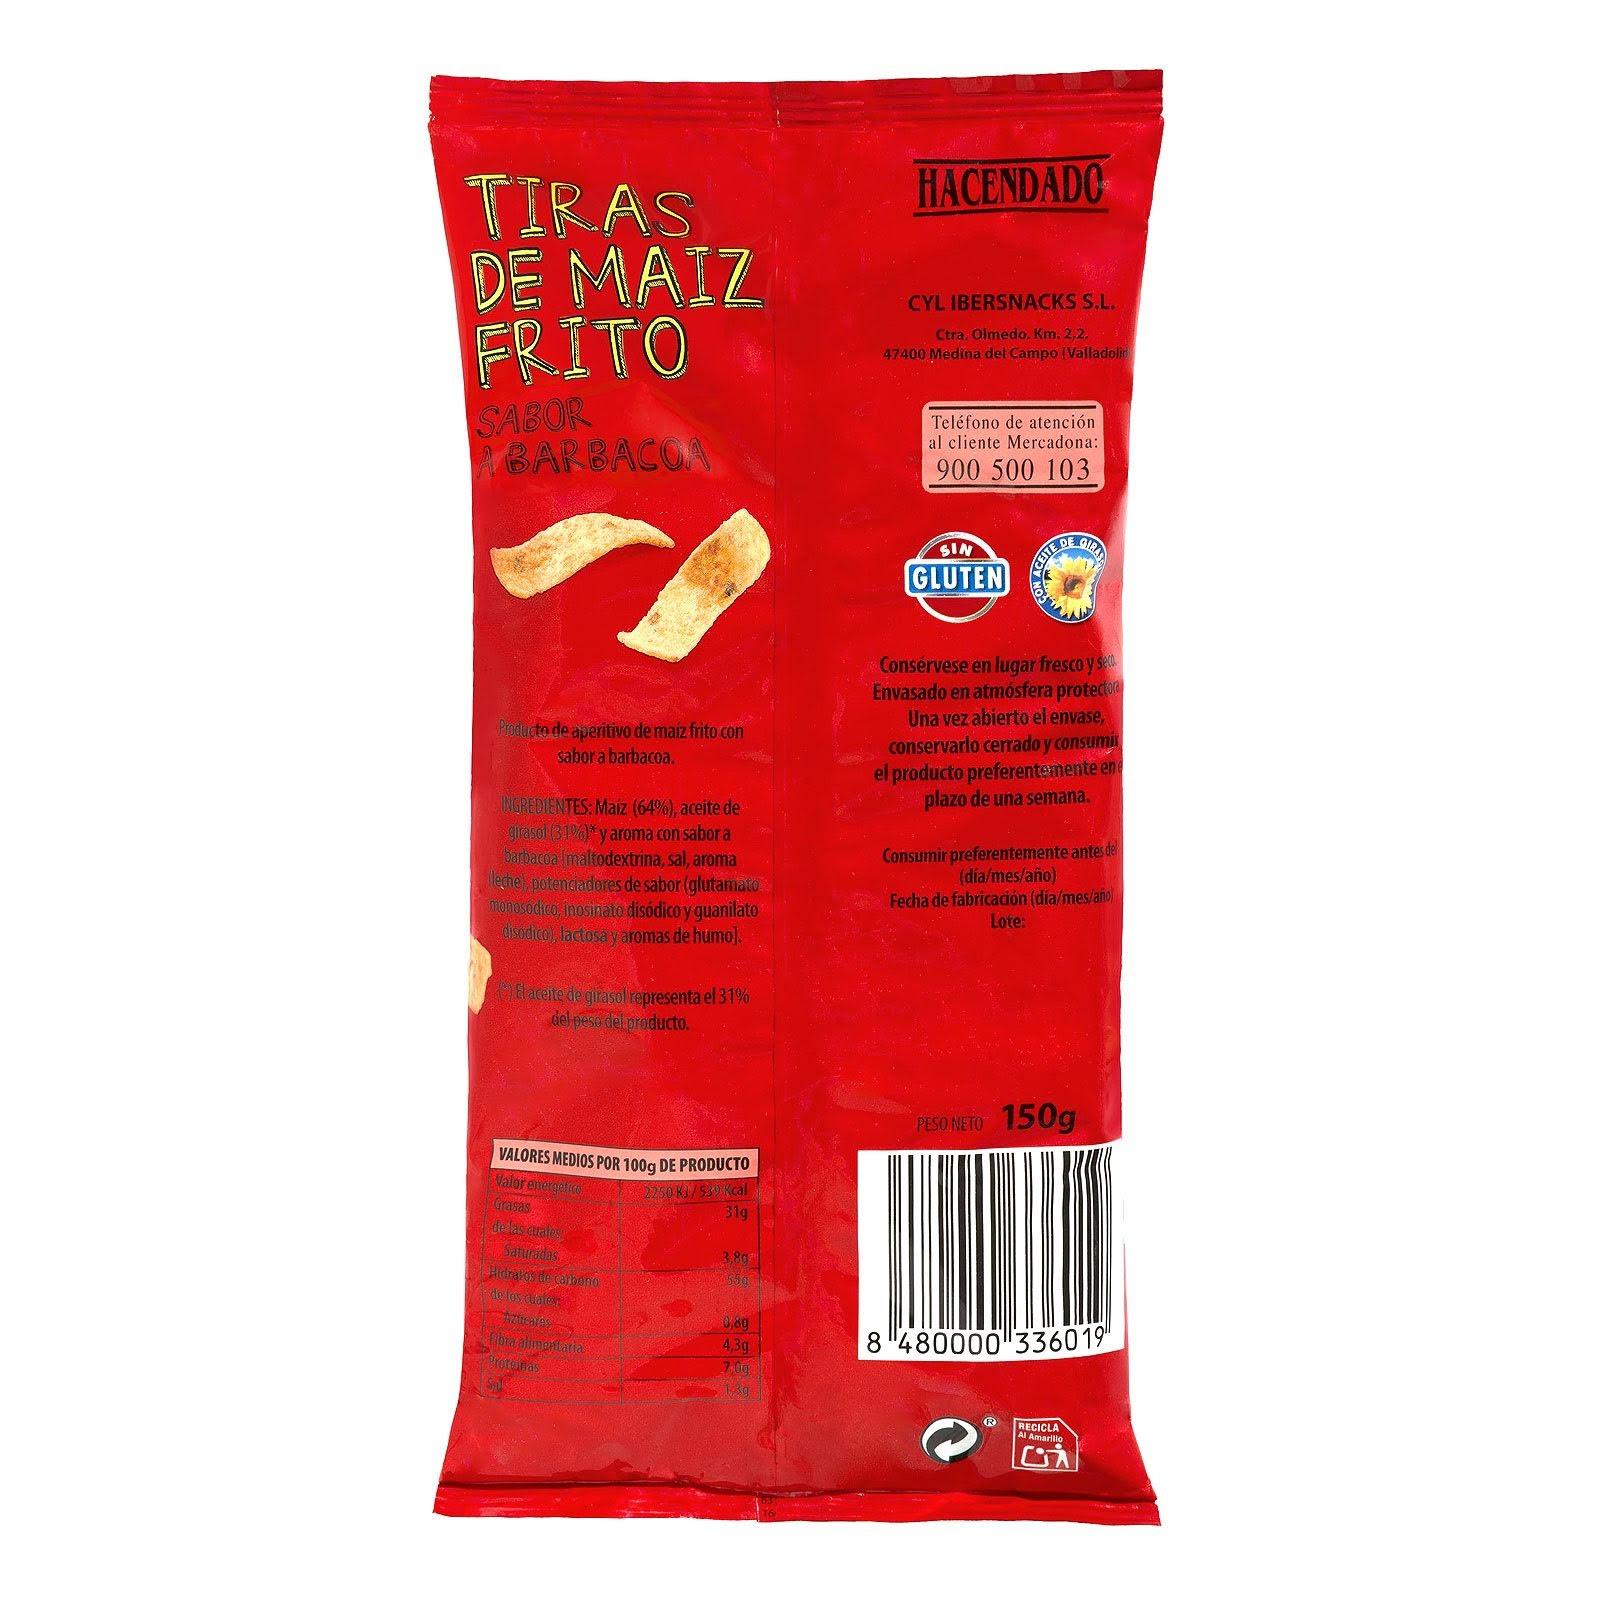 Tiras de maíz frito sabor barbacoa Hacendado